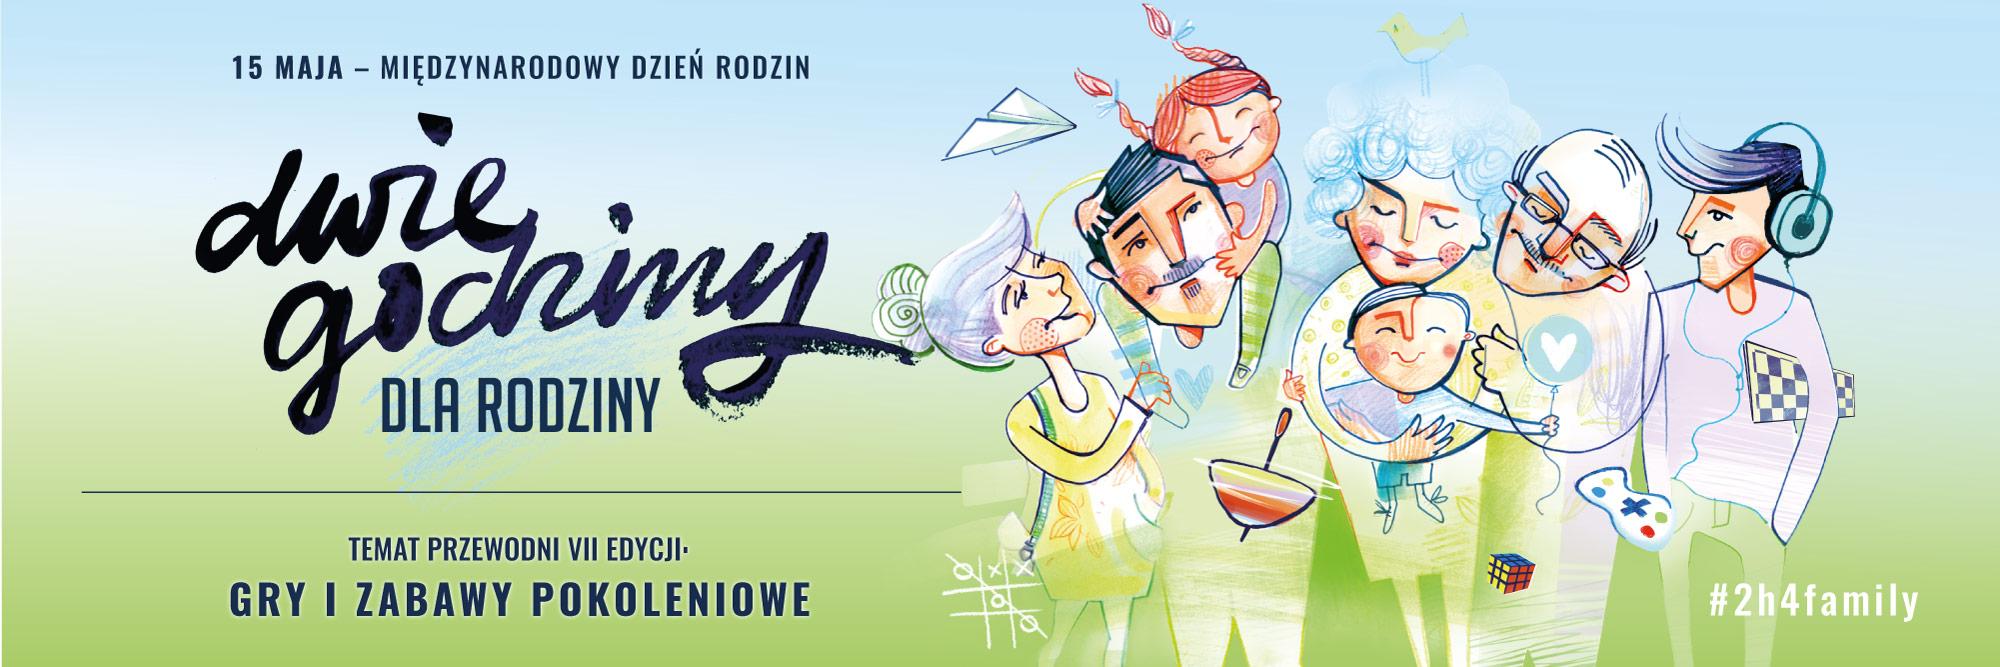 2h4family-GRY-I-ZABAWY-3x